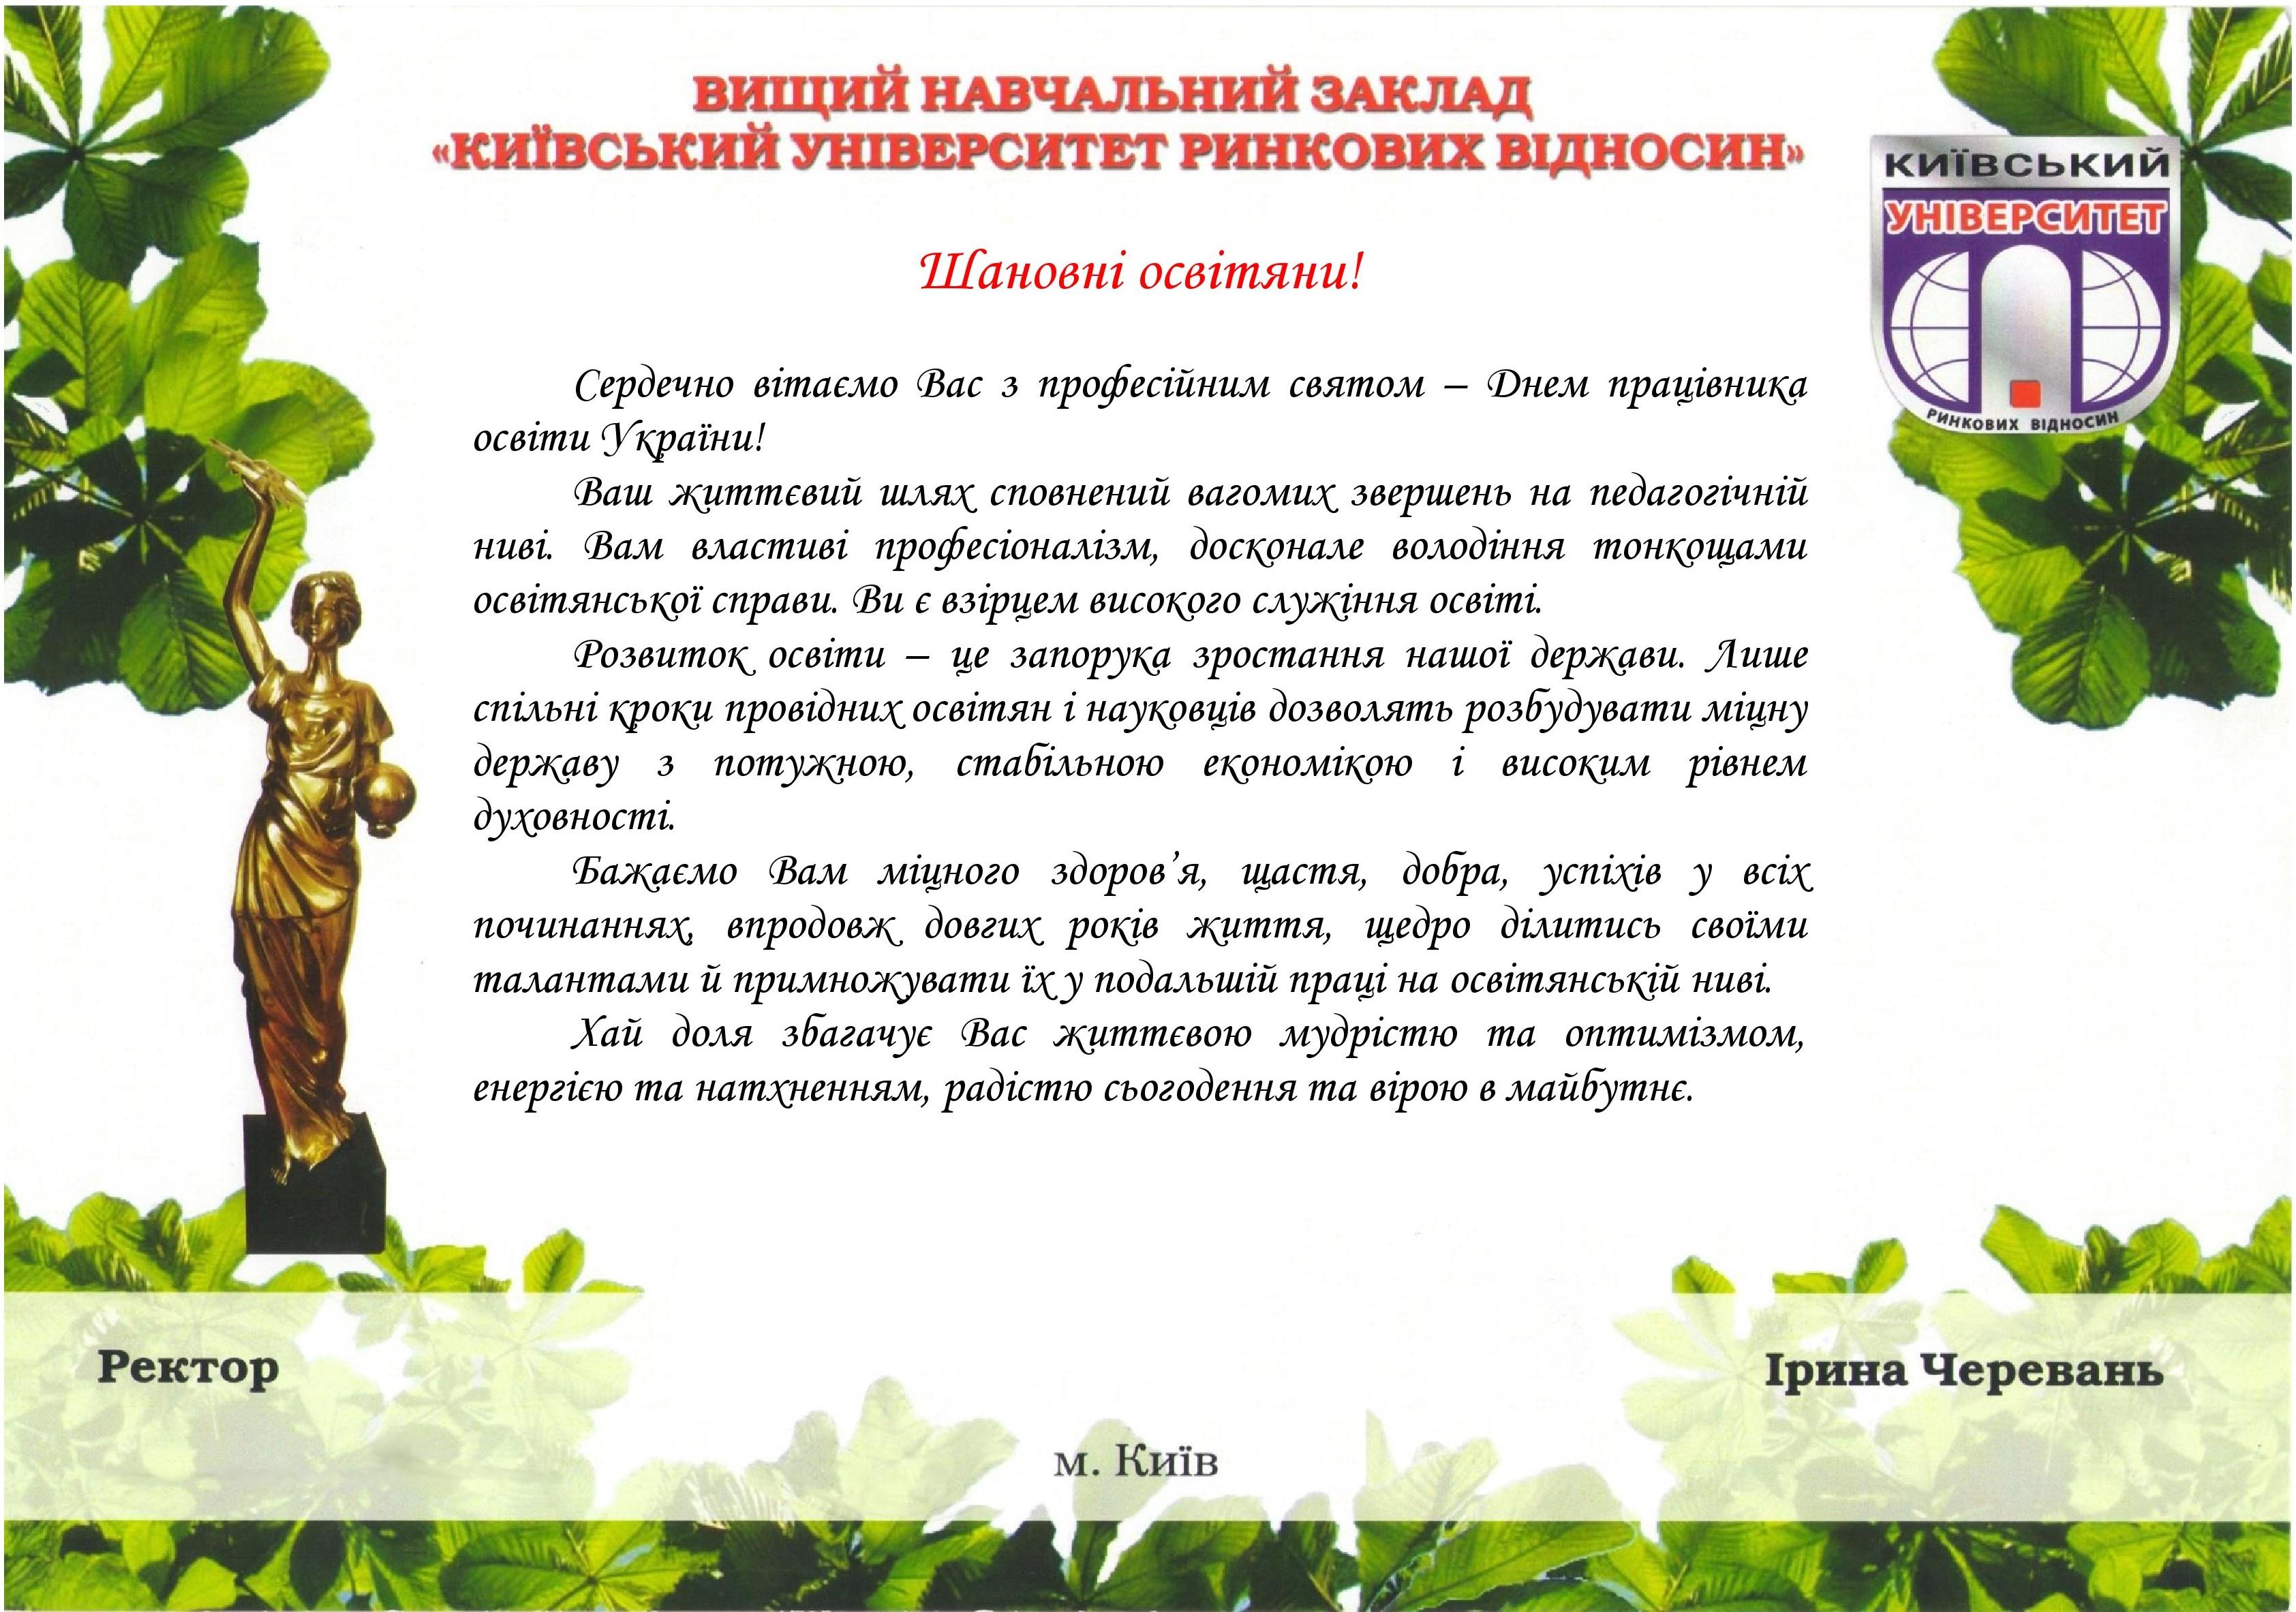 Вітаємо з професійним святом – Днем працівника освіти України!